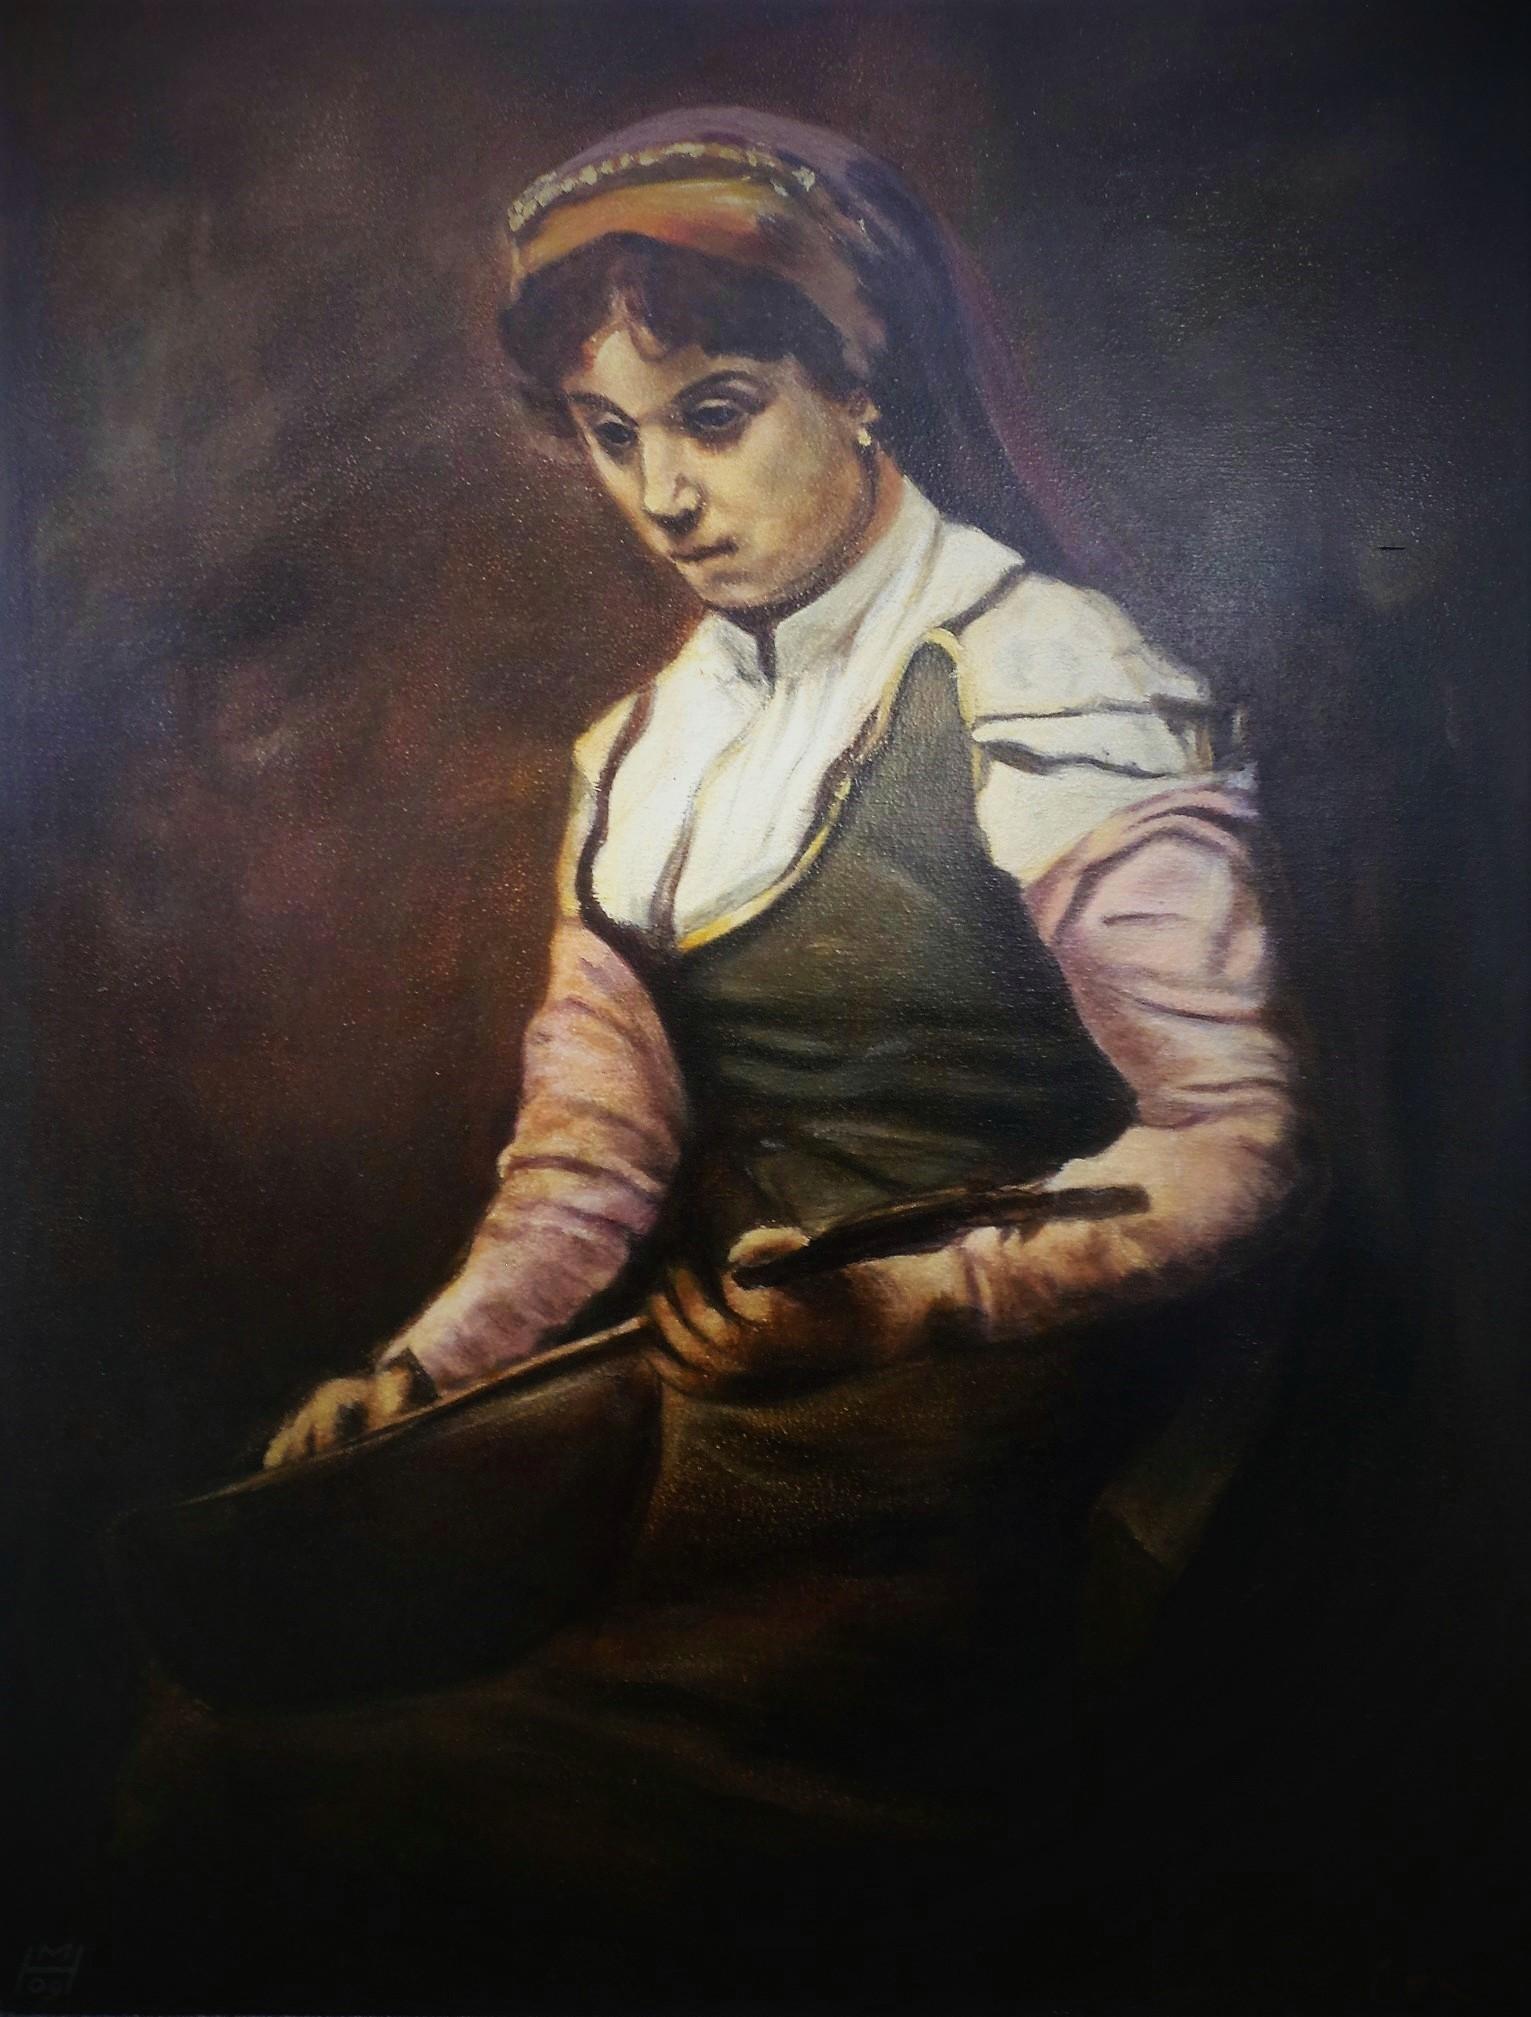 Kopie nach C. Corot, Akryl auf Holz, 54 x 70 cm